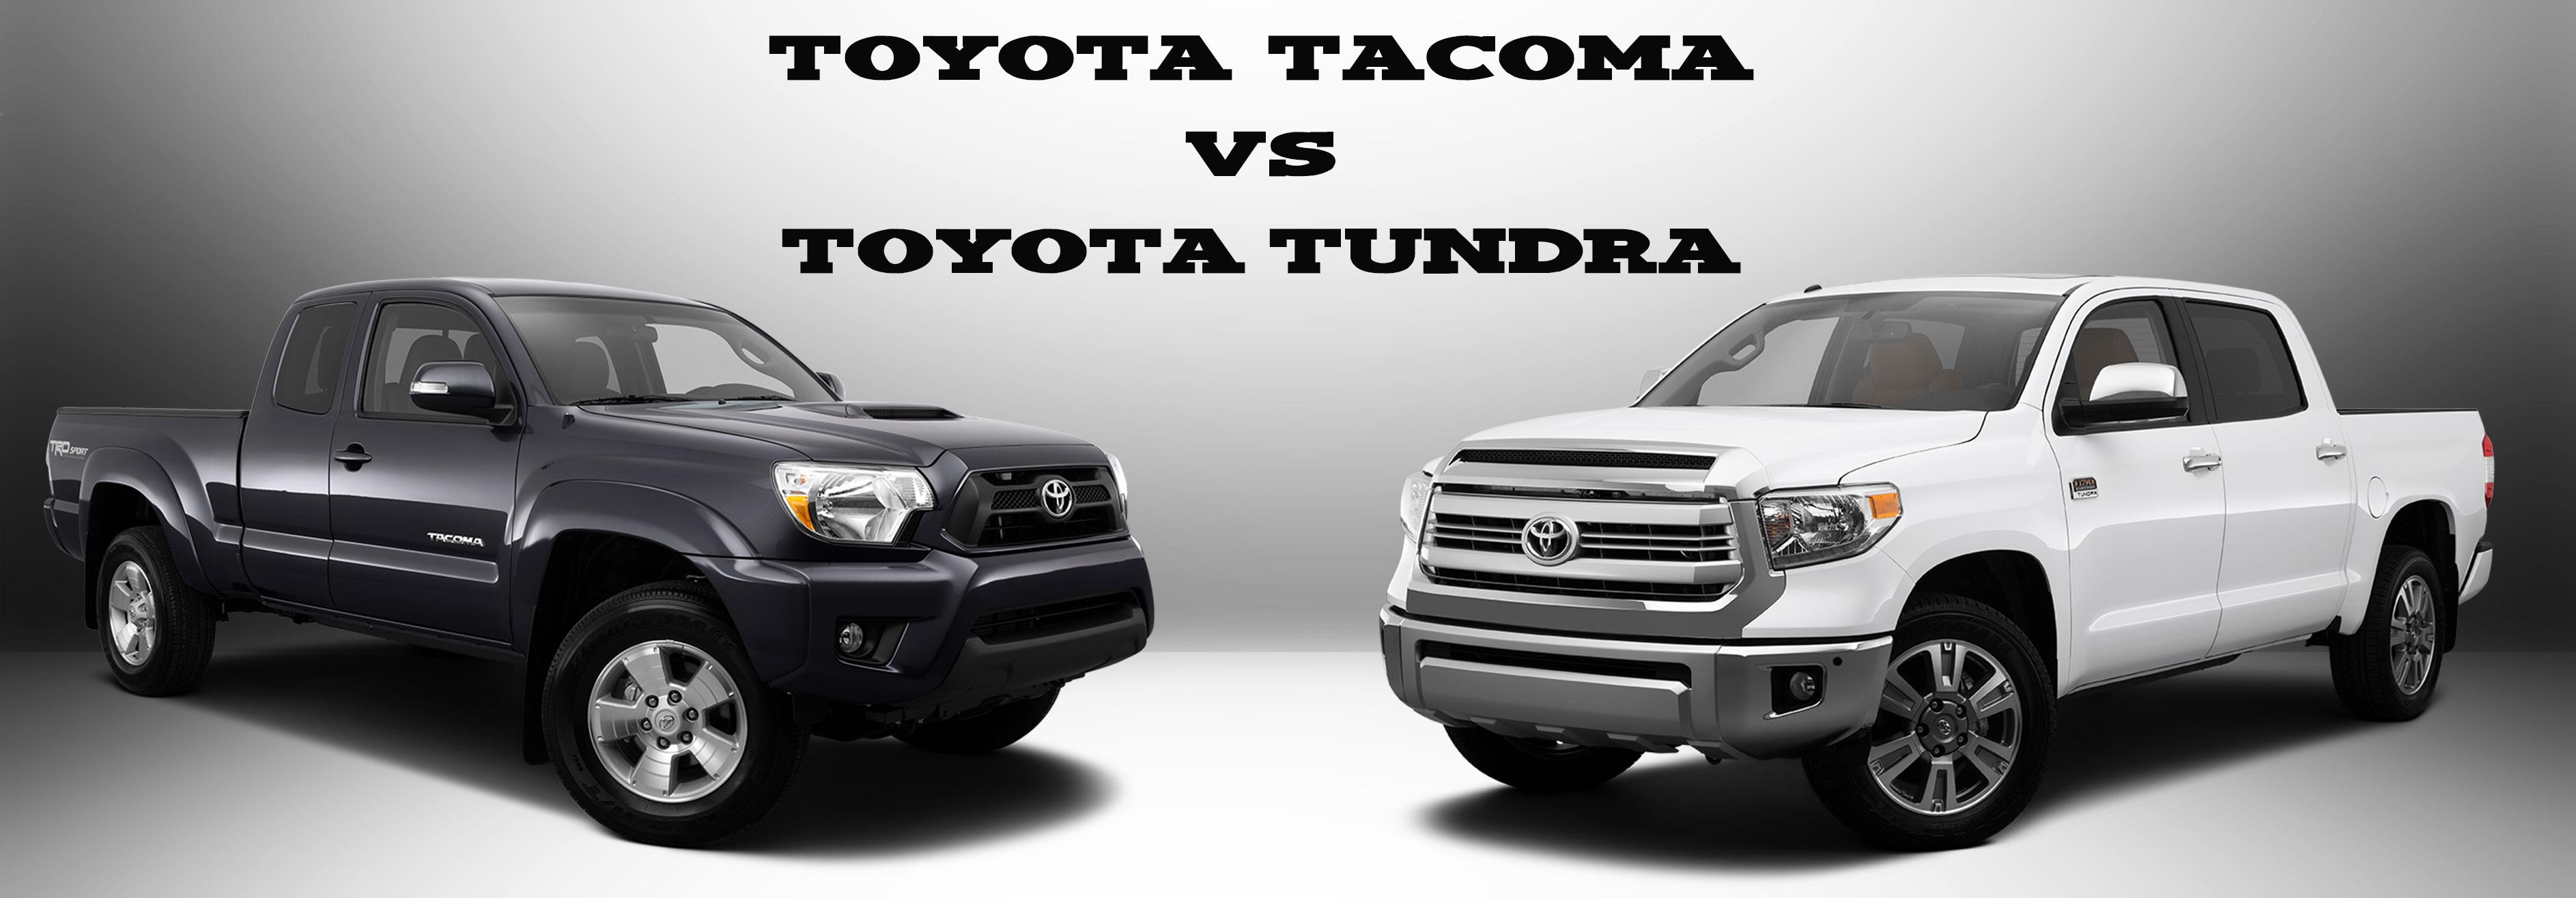 Toyota Tacoma Vs Tundra Mpg Size